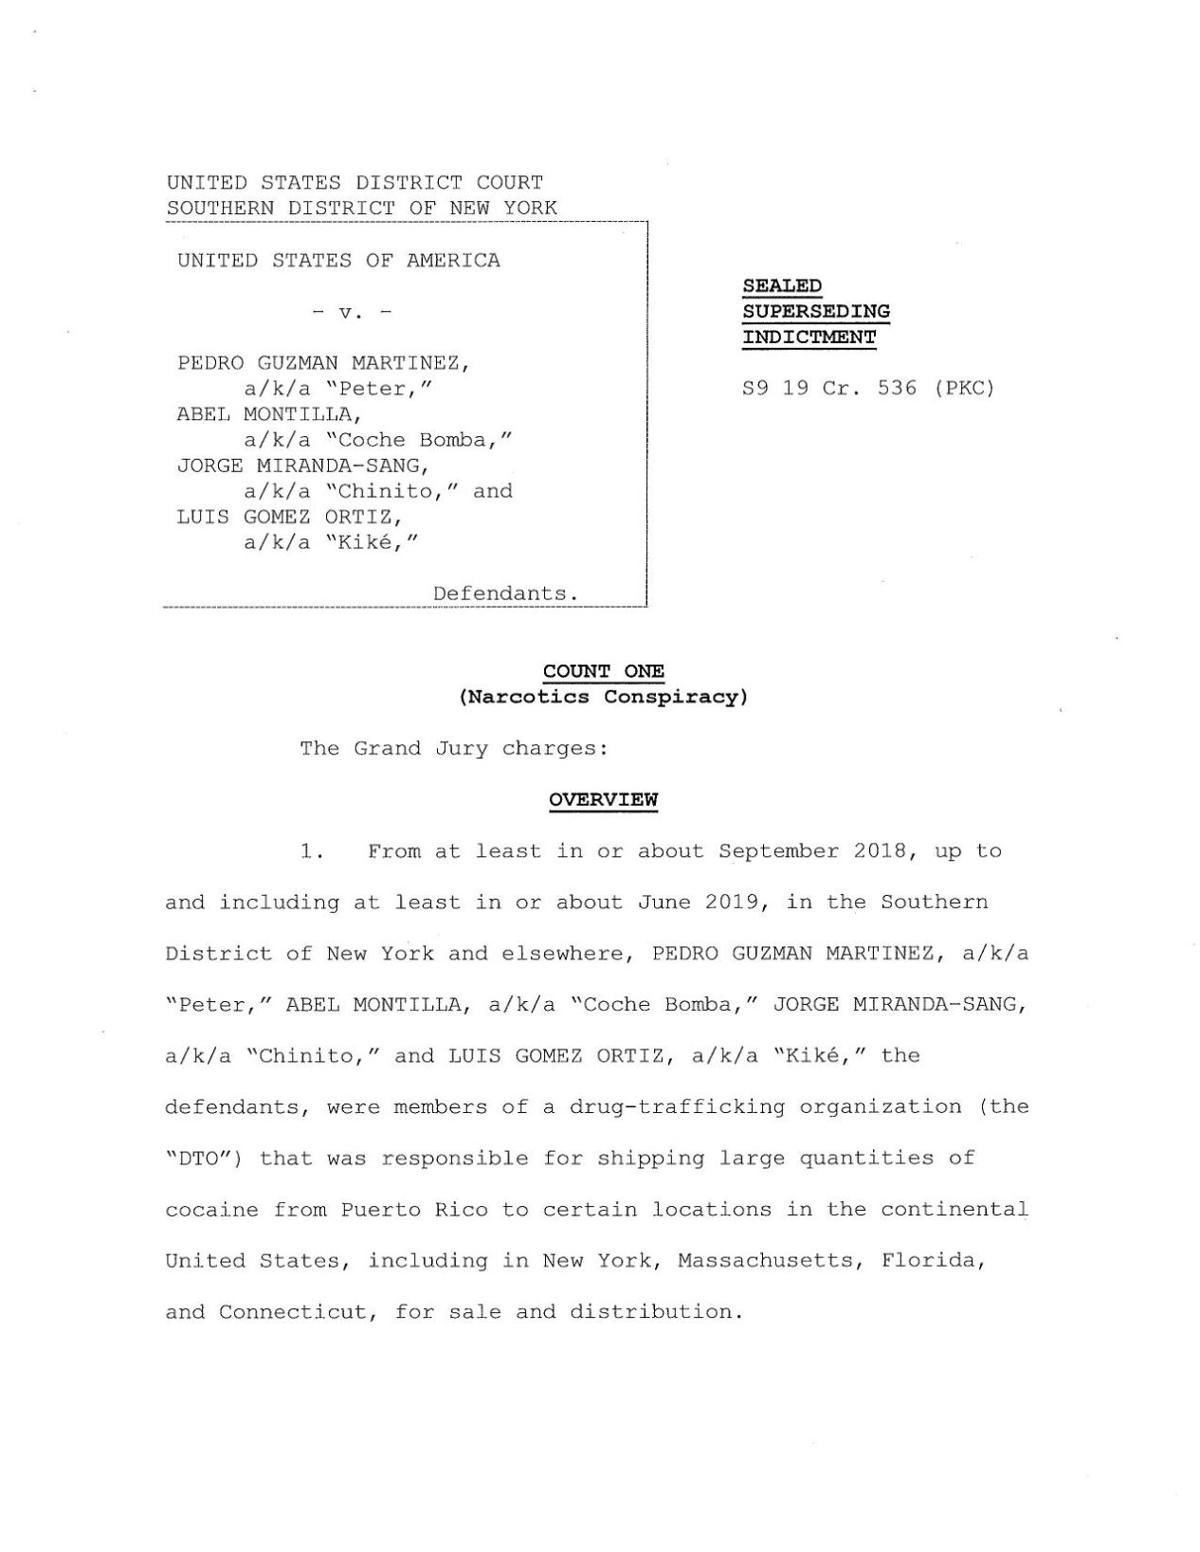 La acusación presentada contra los cuatro hombres